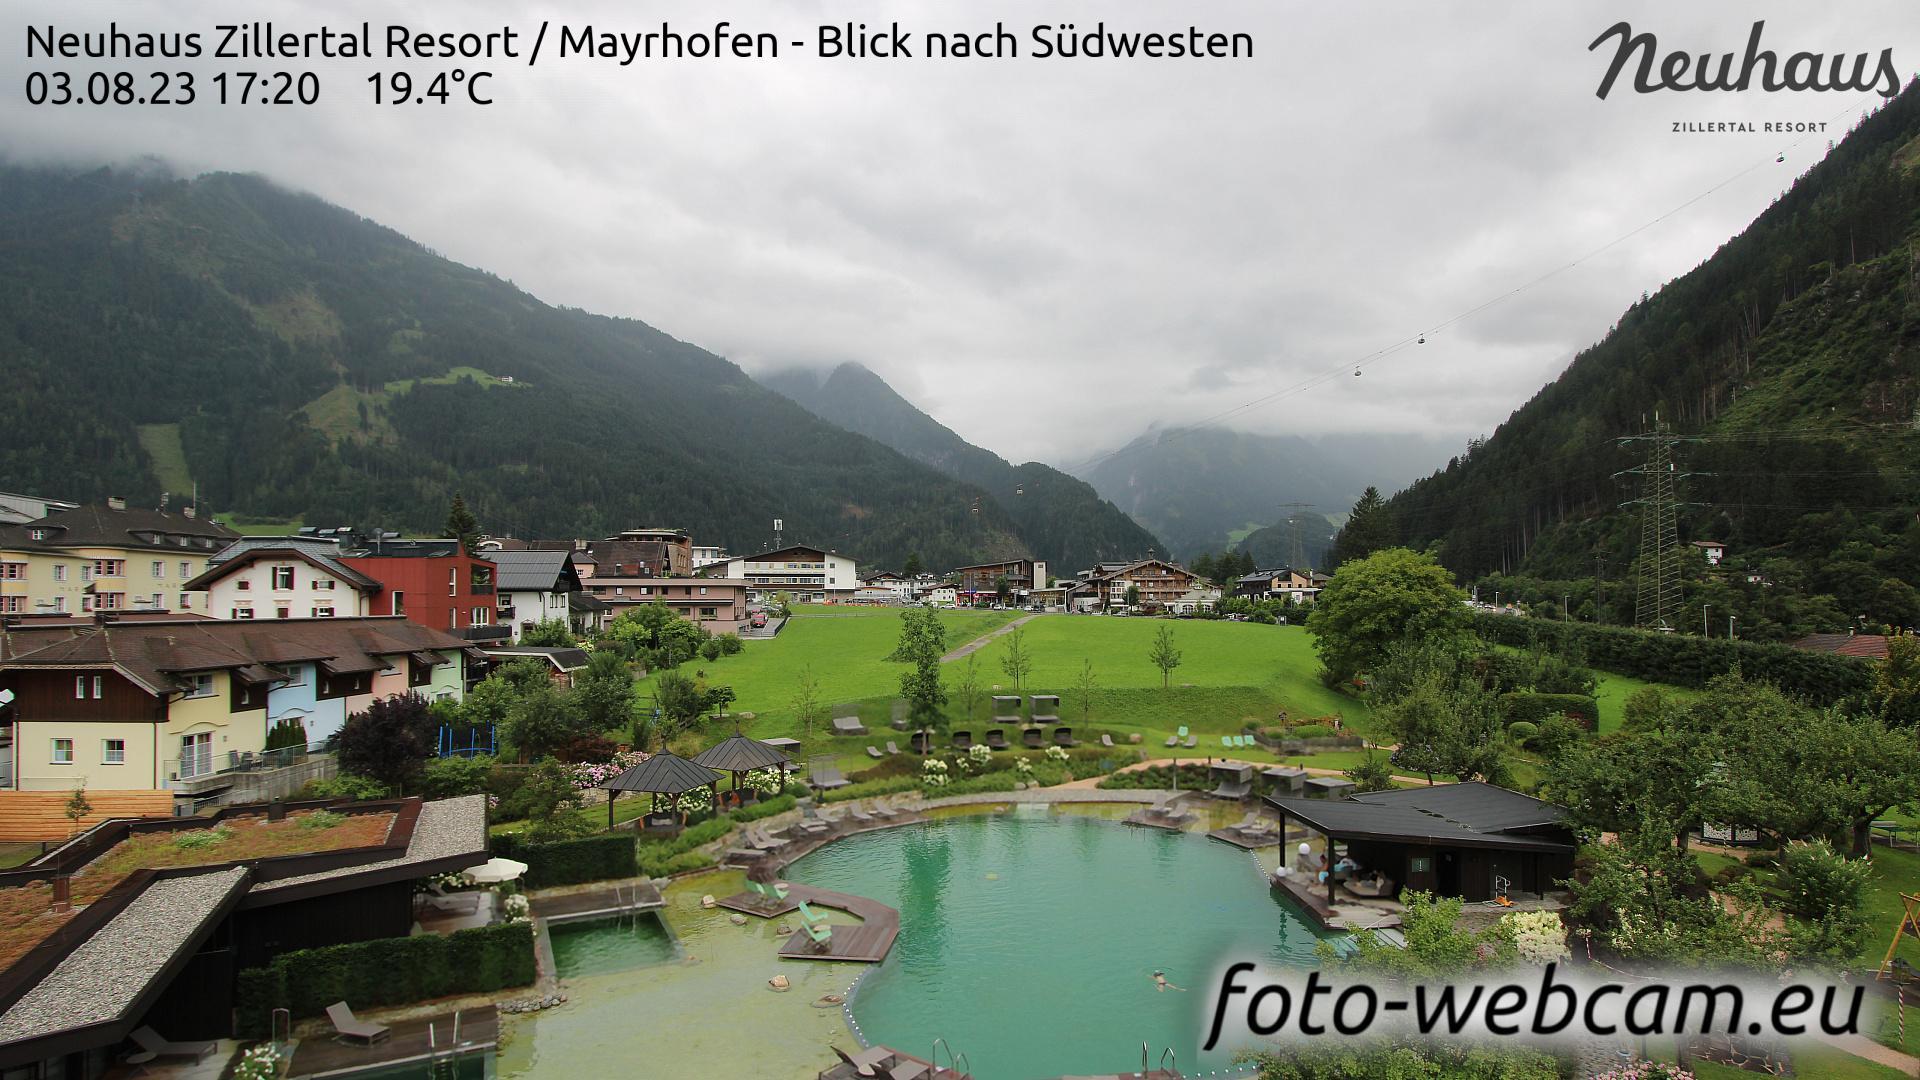 Mayrhofen Sun. 17:33